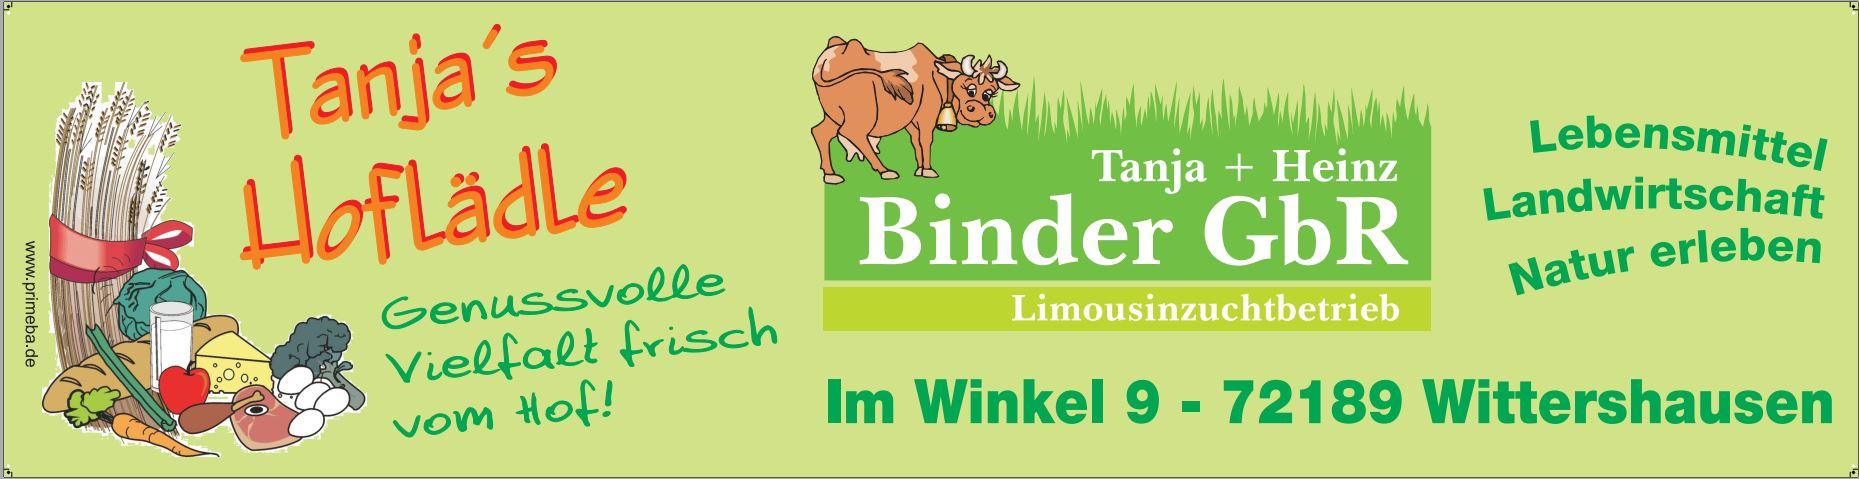 Tanjas Hoflädle Logo